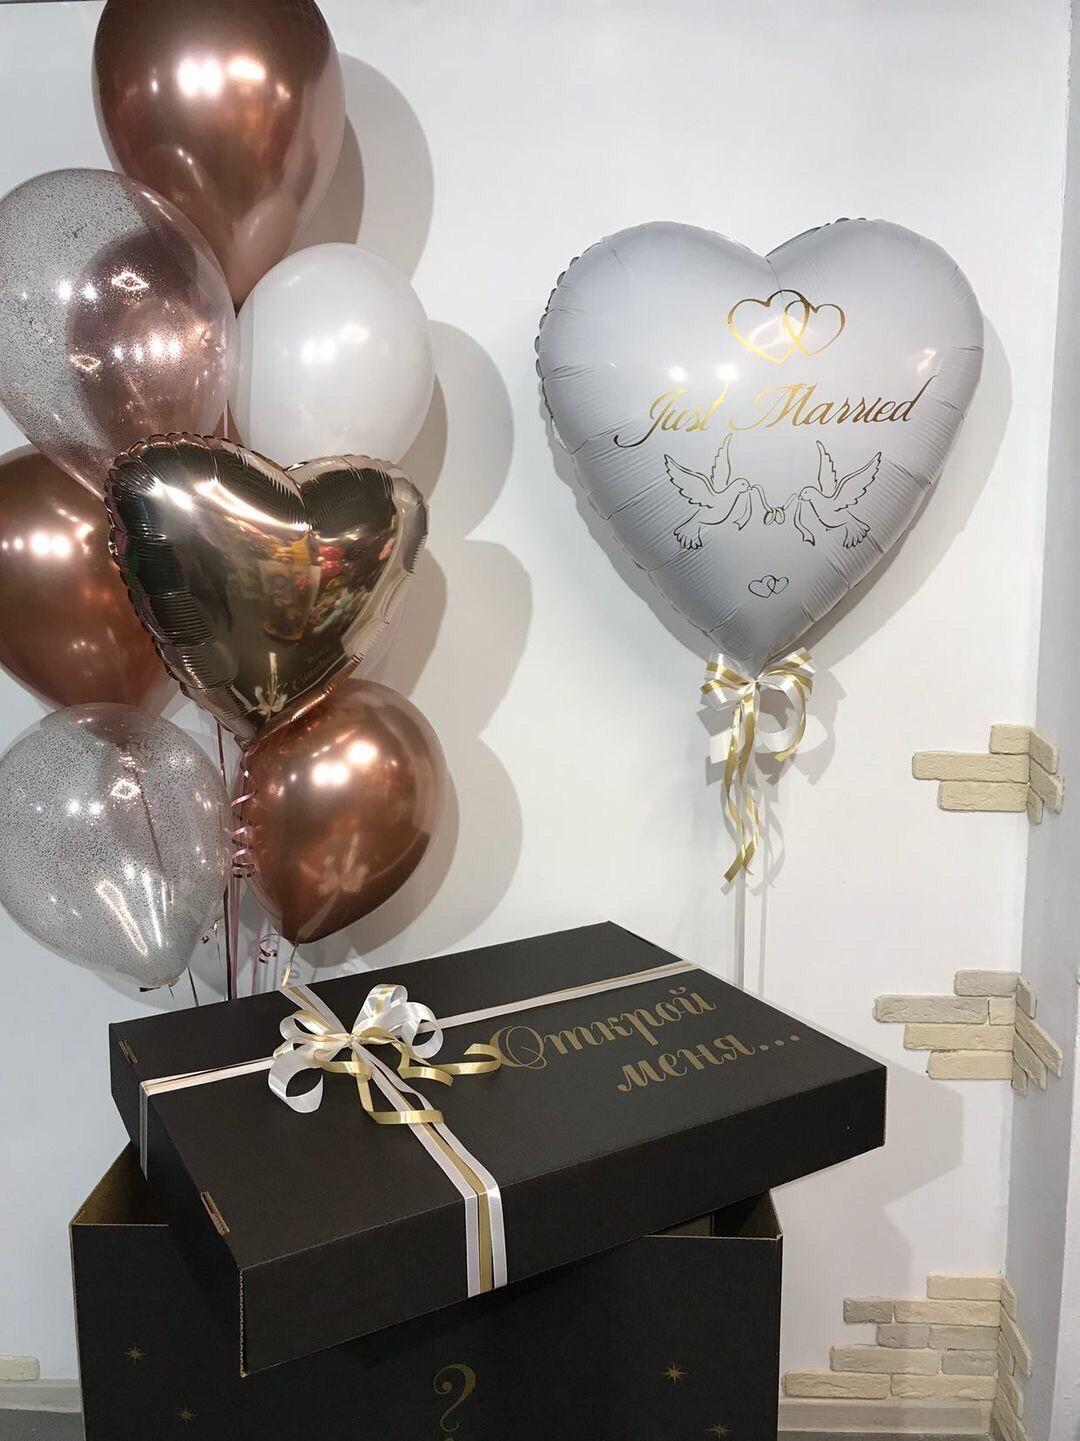 Композиция из воздушных шаров на свадьбу оформленные в коробку с индивидуальными надписями.